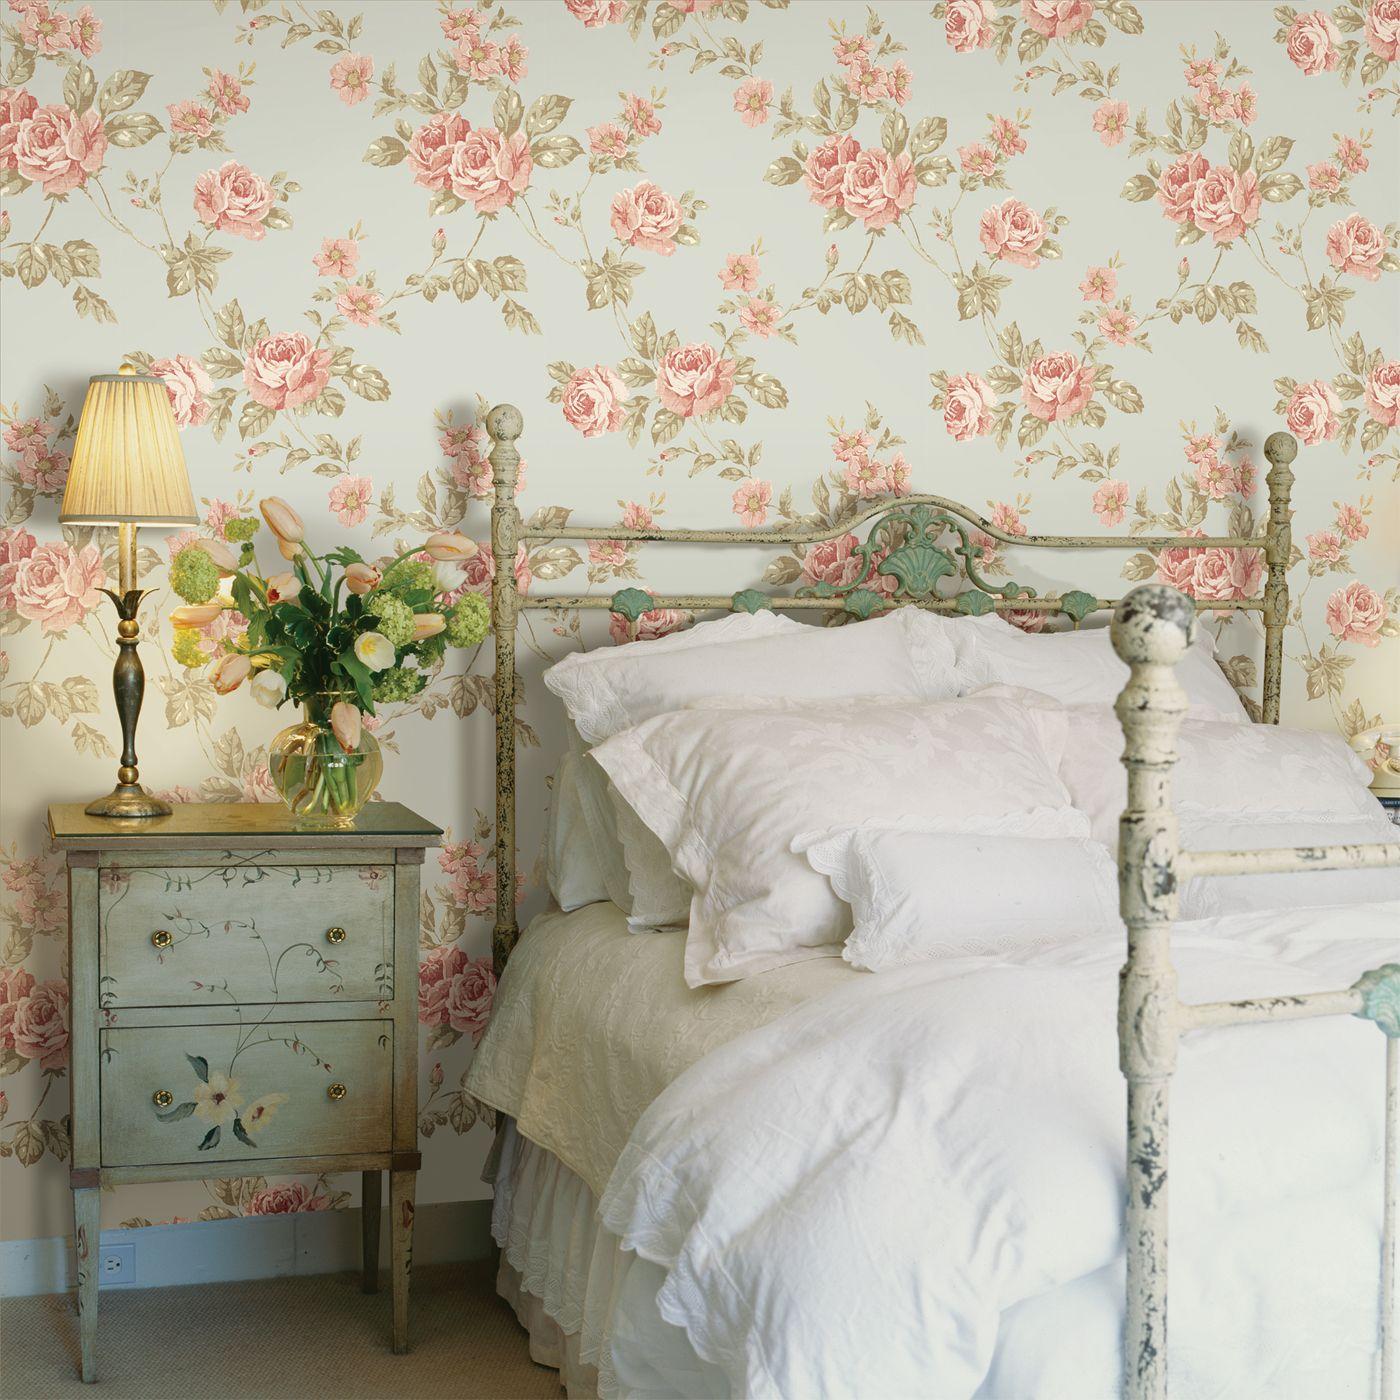 Roses sur le mur dans une chambre de style provençal